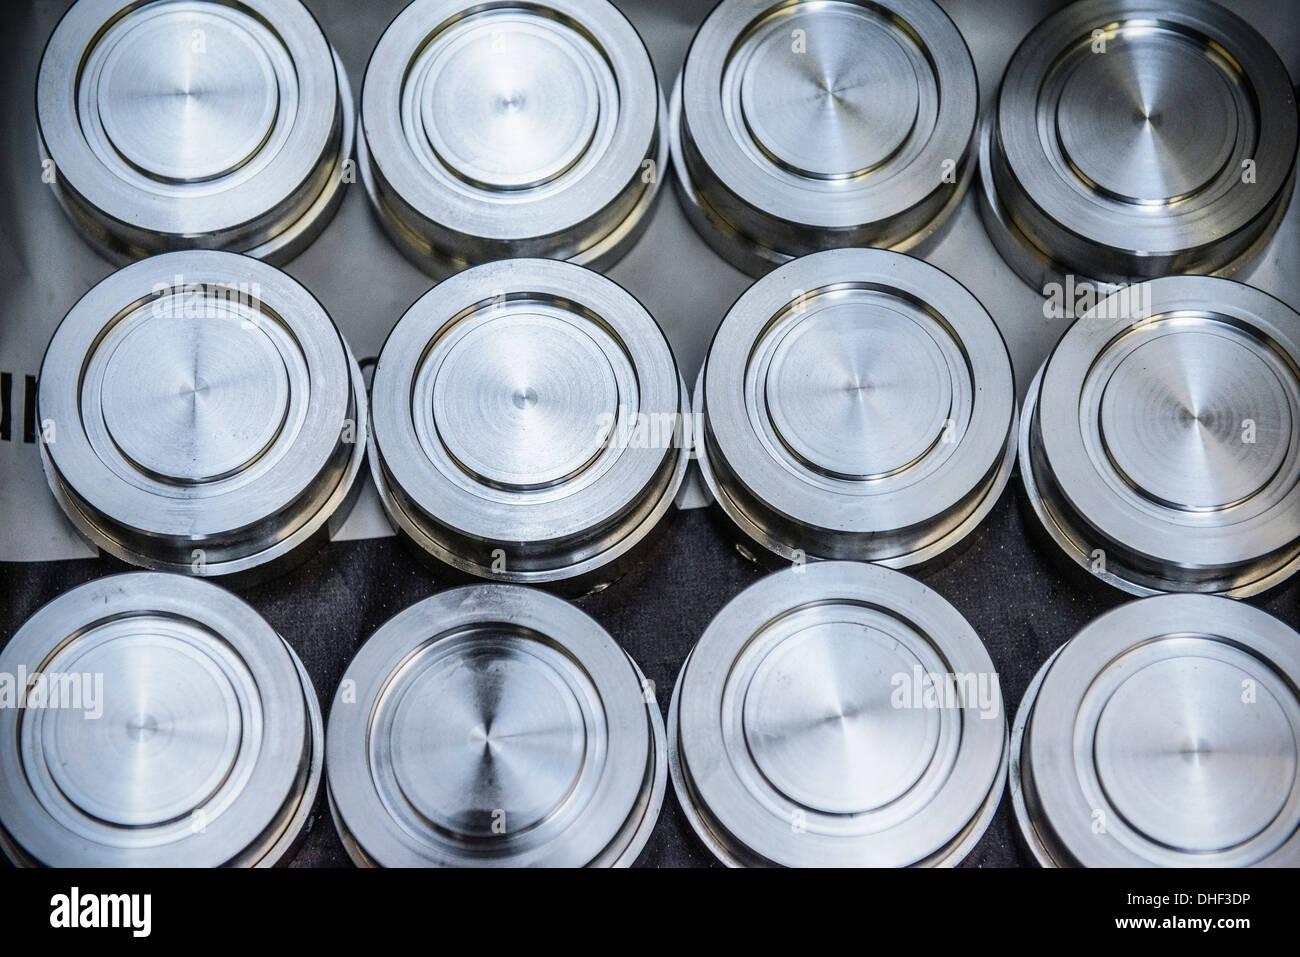 Des piles de disques d'acier brut et matières premières en usine, overhead view Banque D'Images